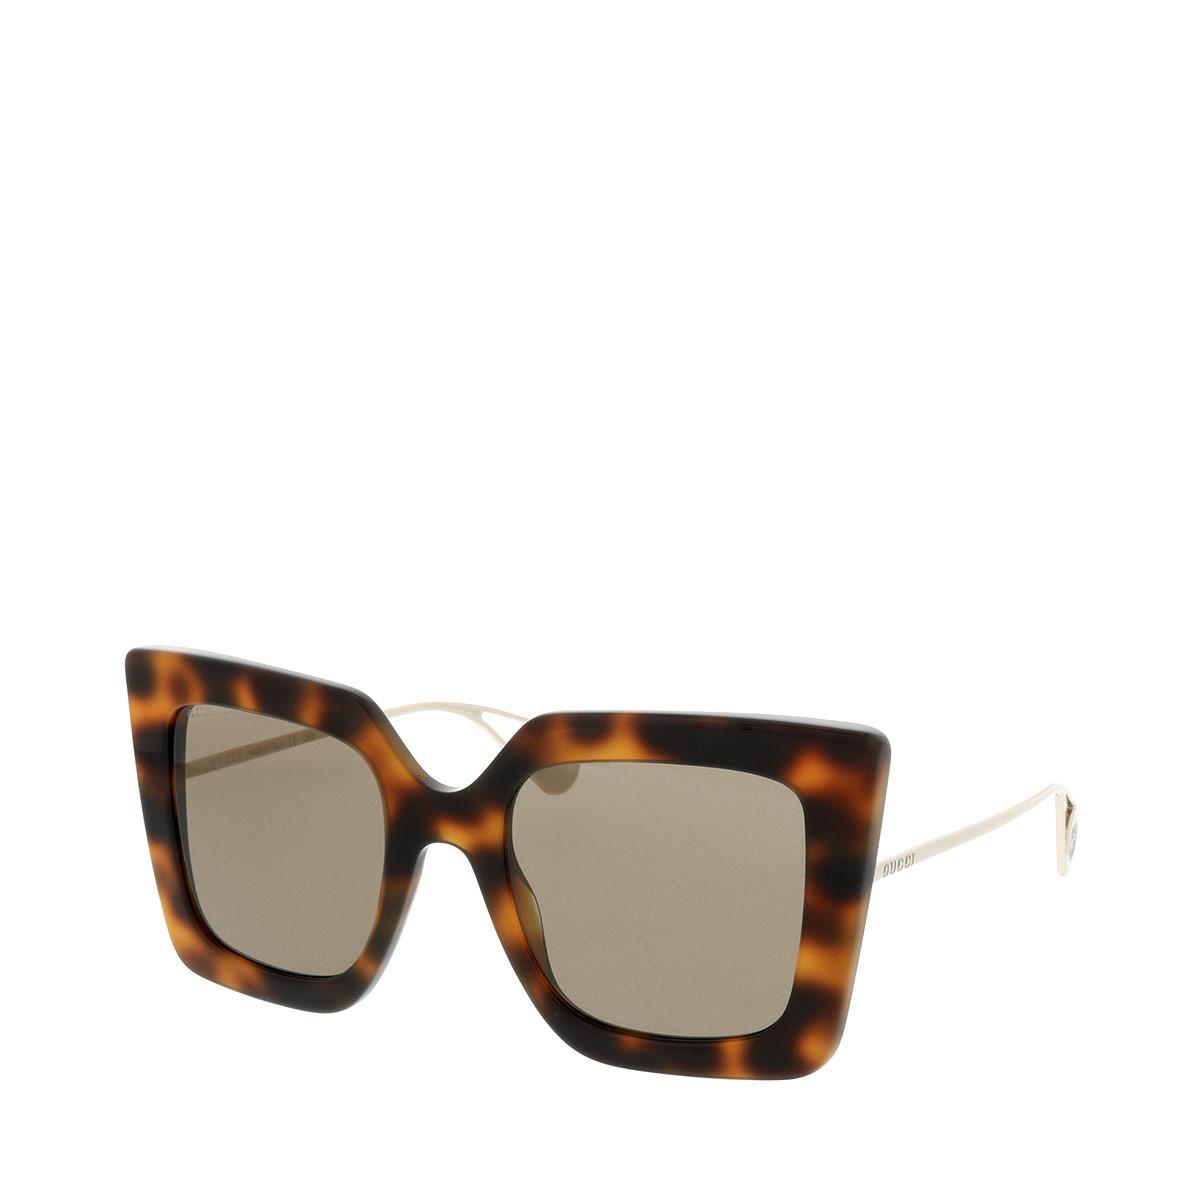 Gucci Sonnenbrille - GG0435S 51 003 - in braun - für Damen